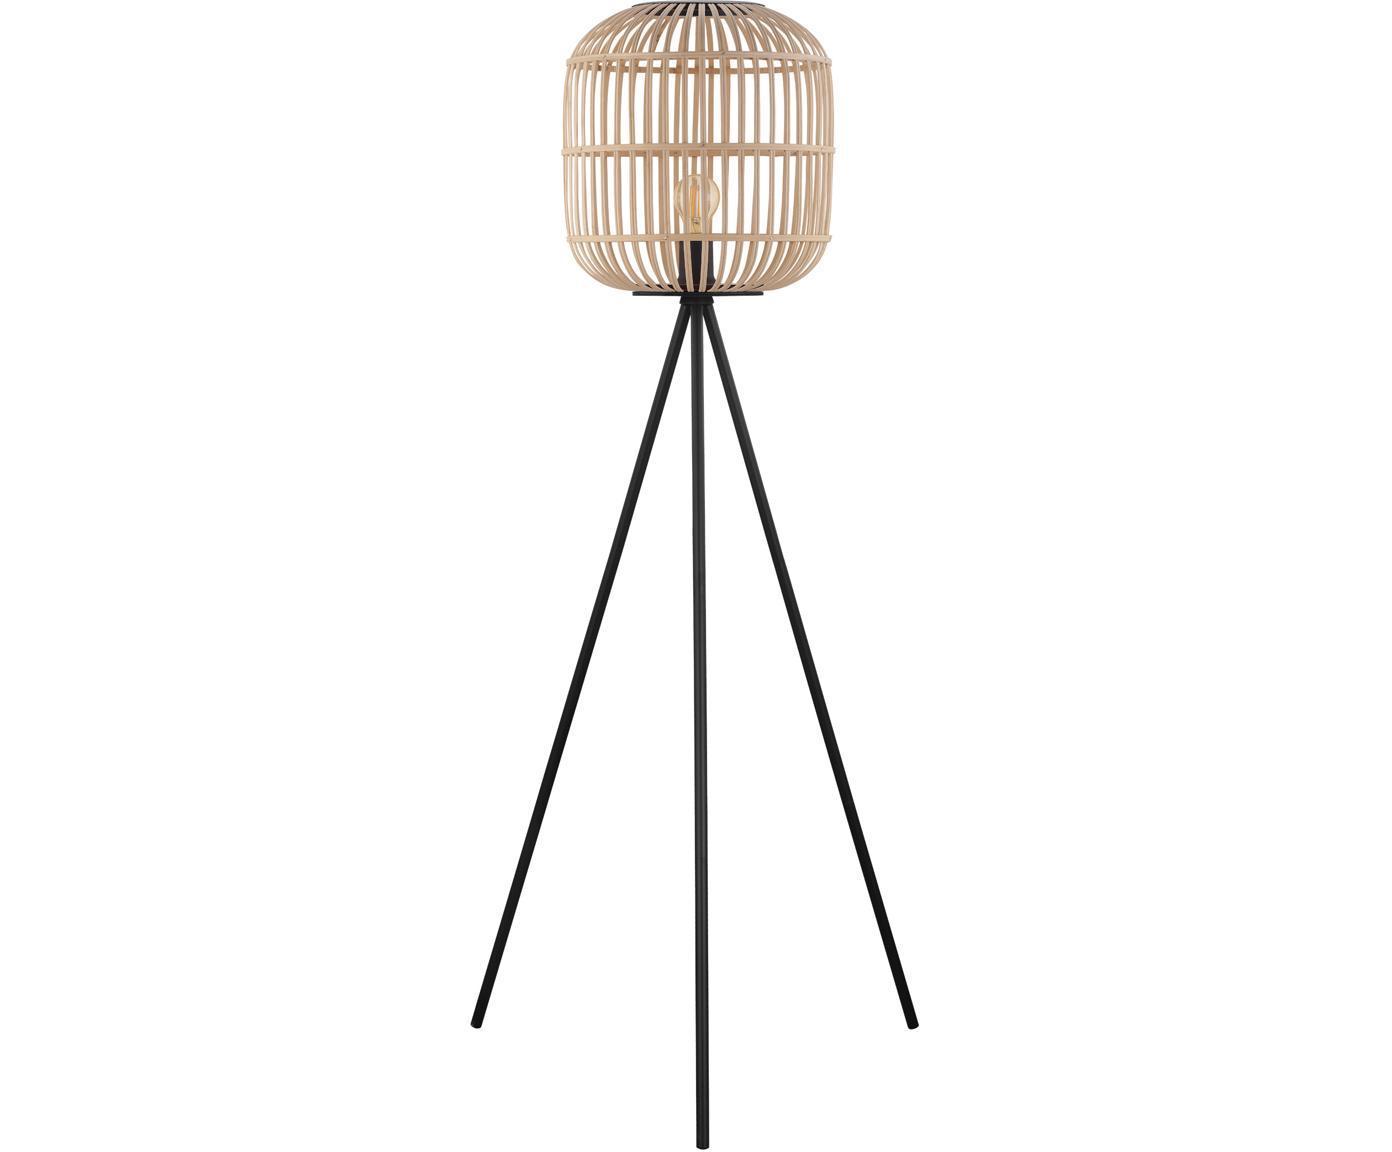 Lampa podłogowa Bordesley, Stal, drewno, Czarny, jasnobrązowy, Ø 35 x W 139 cm